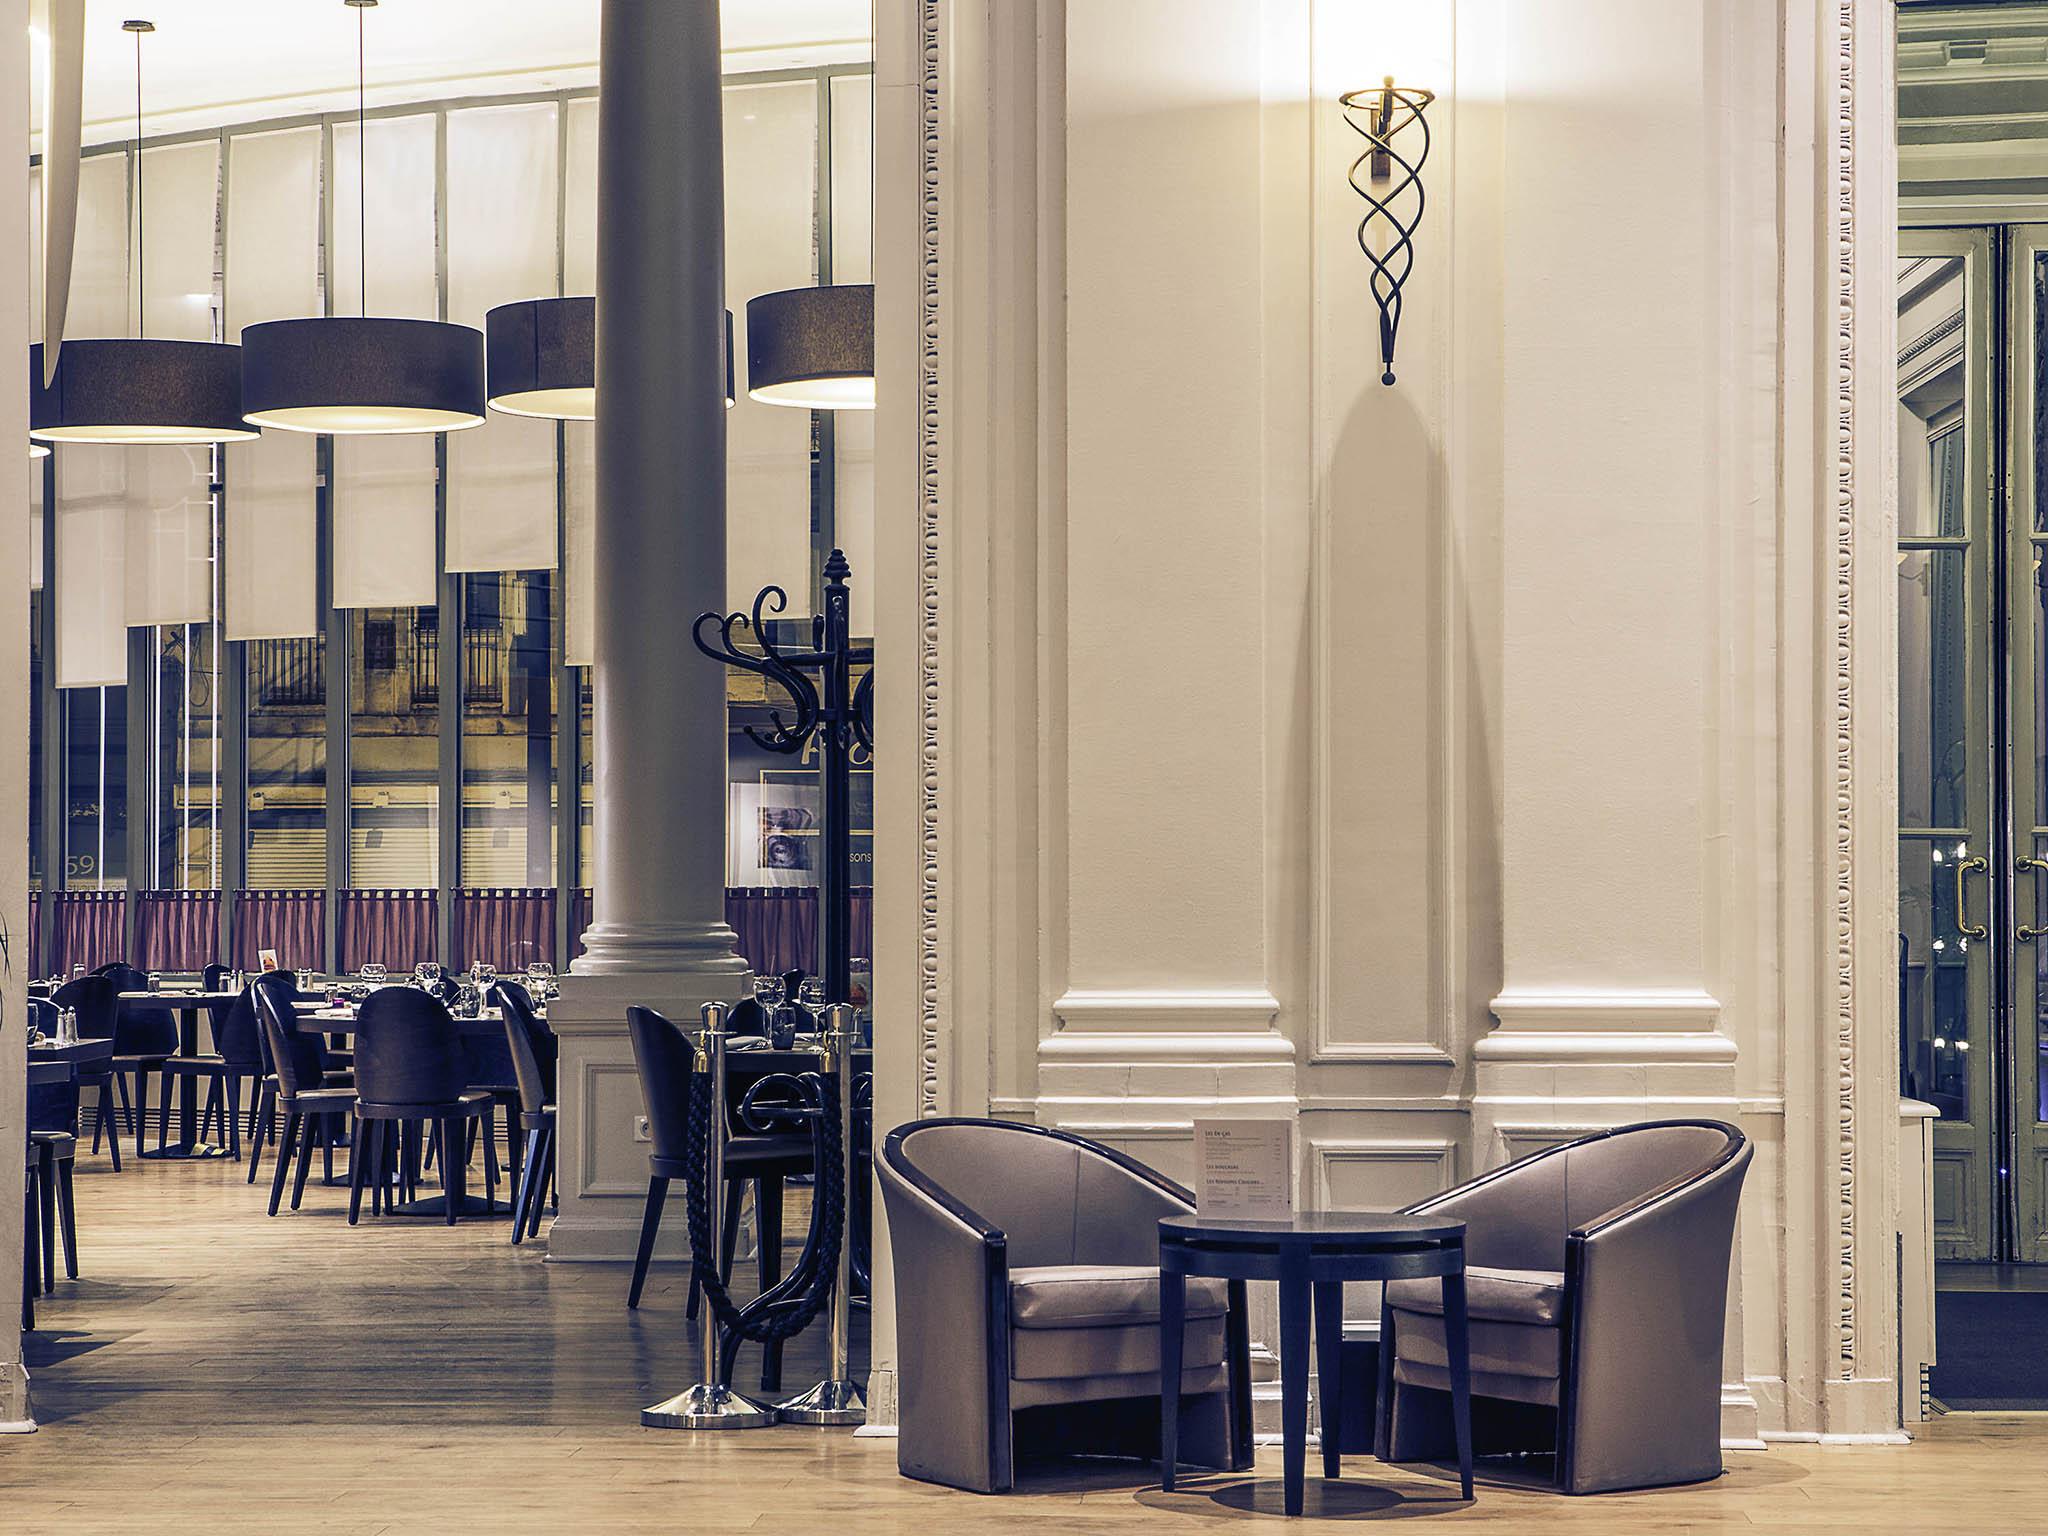 Hôtel - Hôtel Mercure Lille Roubaix Grand Hôtel